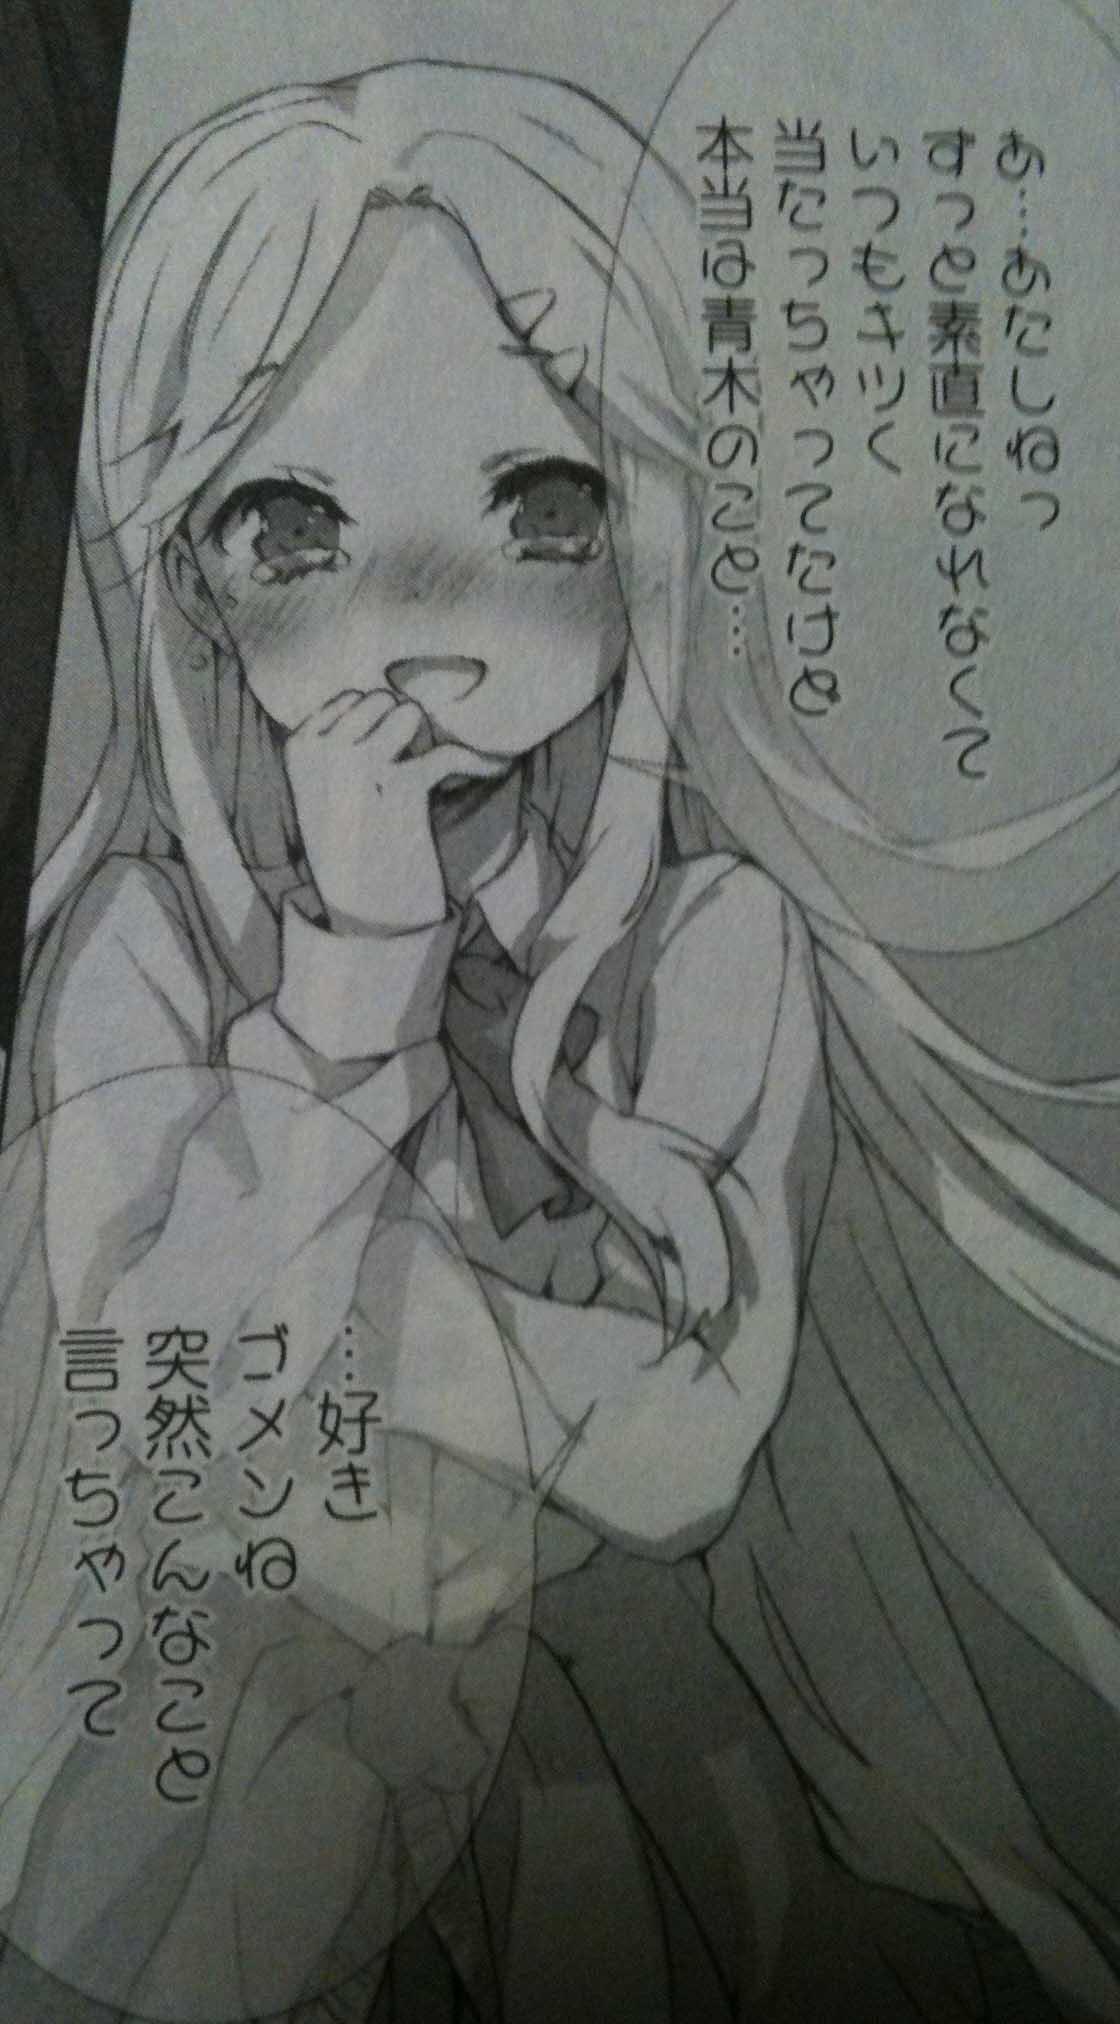 kokoroko_03.jpg